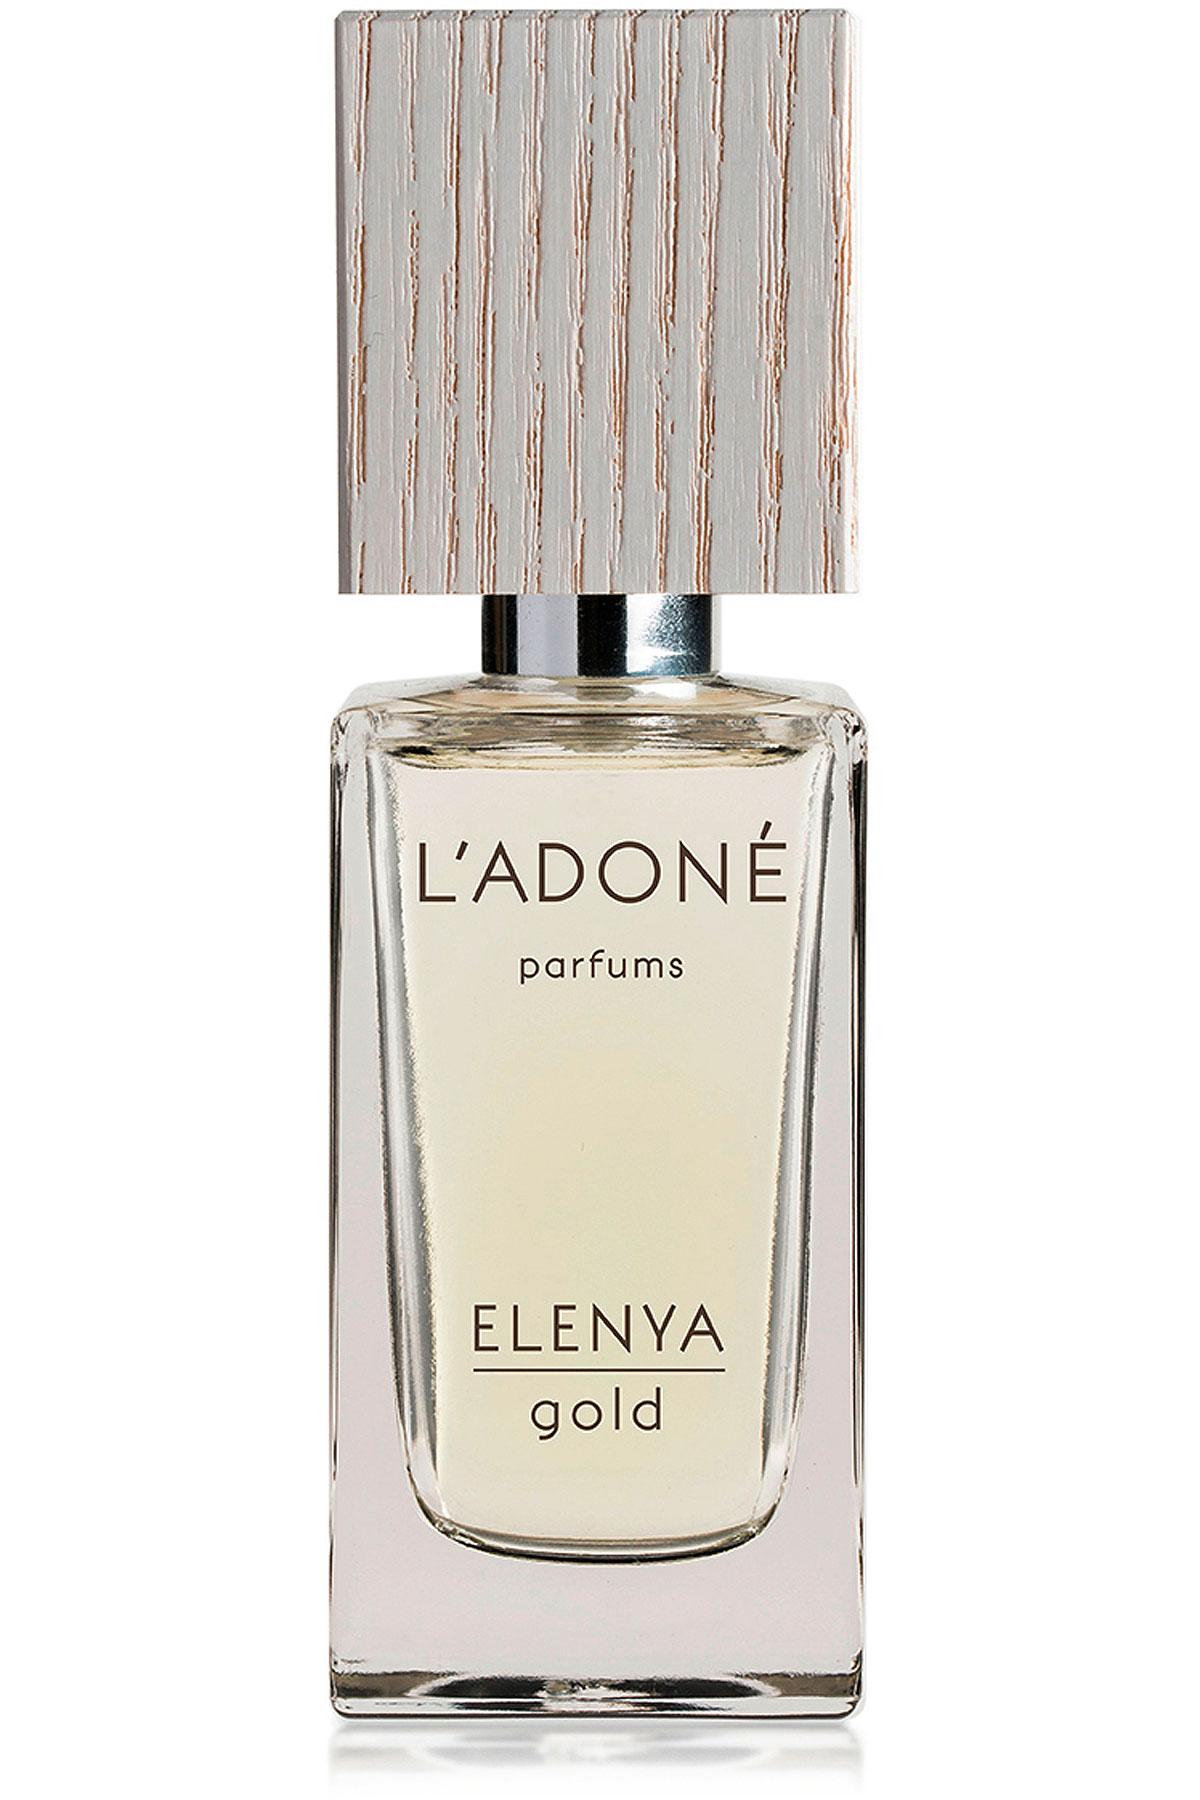 L Adone Fragrances for Women, Elenya Gold - Extrait De Parfum - 50 Ml, 2019, 50 ml